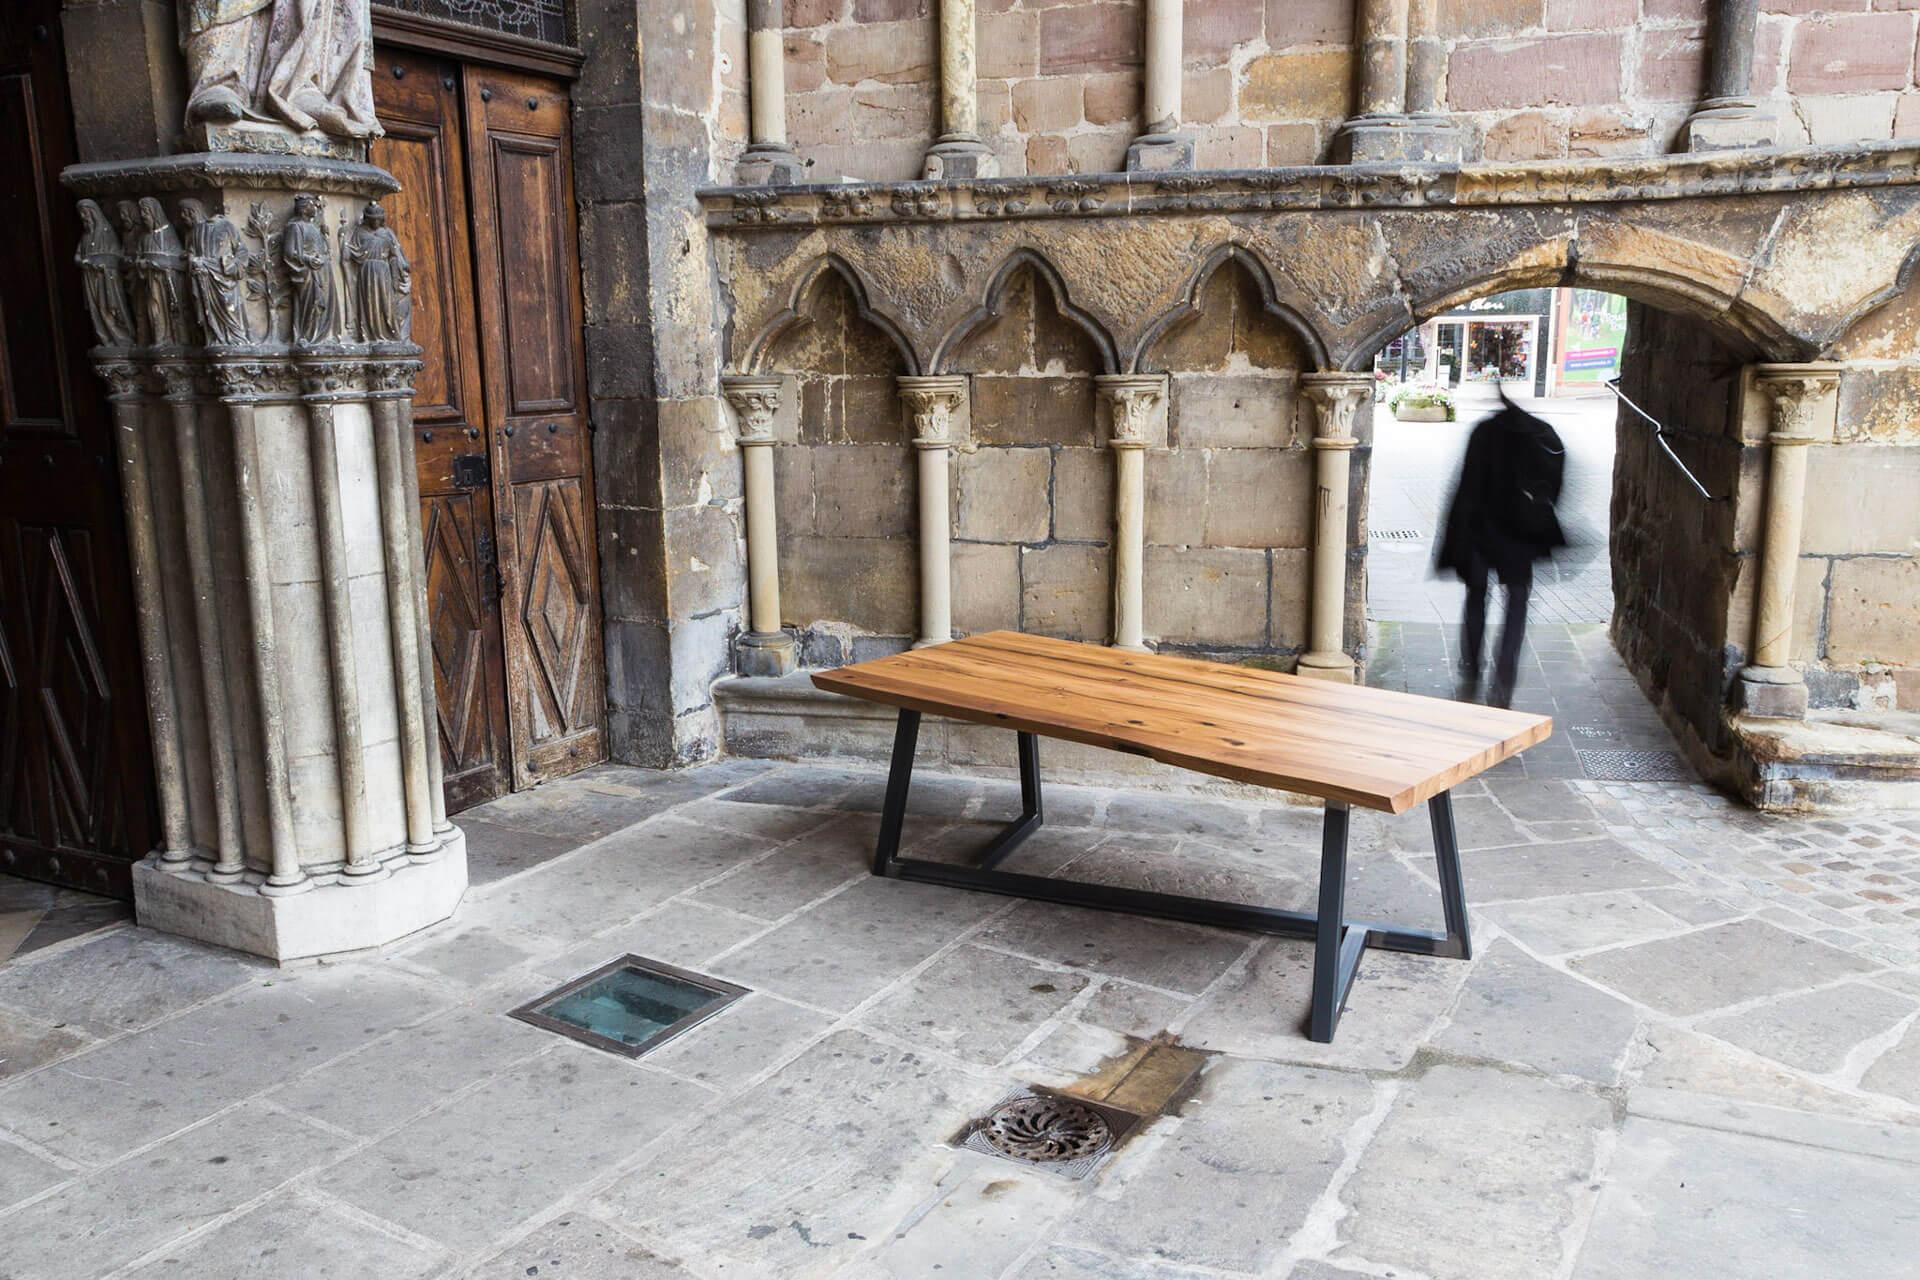 Table sur-mesure La patriarche par Atelier Cream pour Atelier-Atelier Vosges